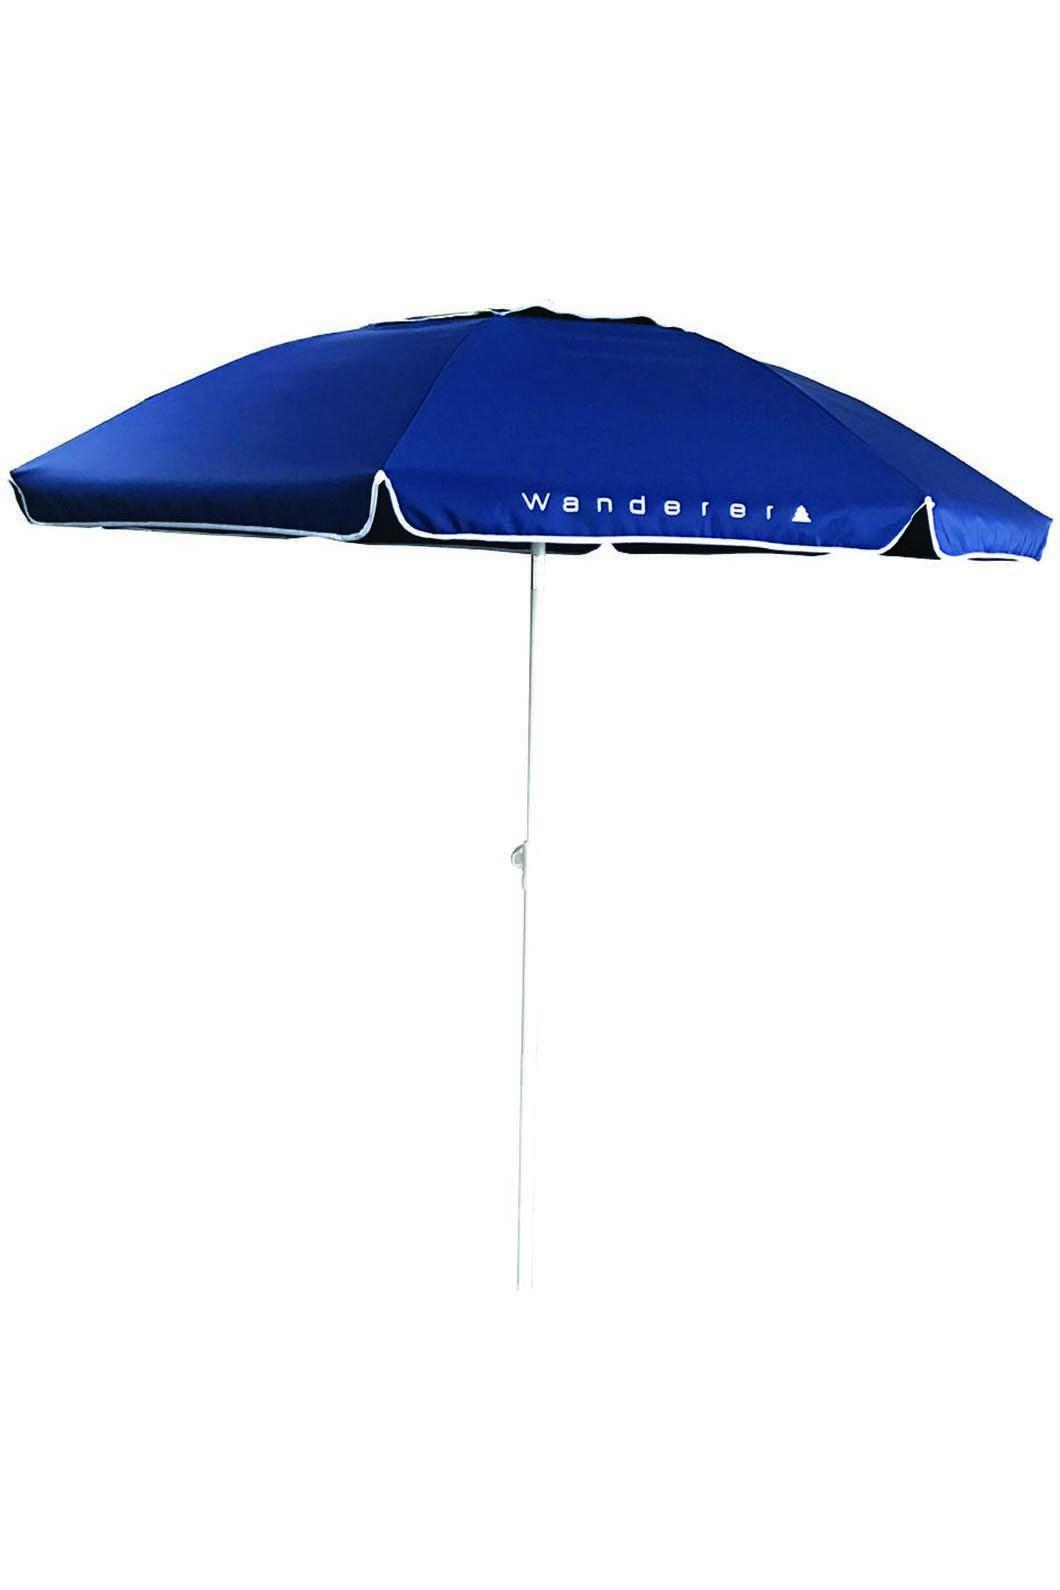 Wanderer Essentials Umbrella 2m, None, hi-res